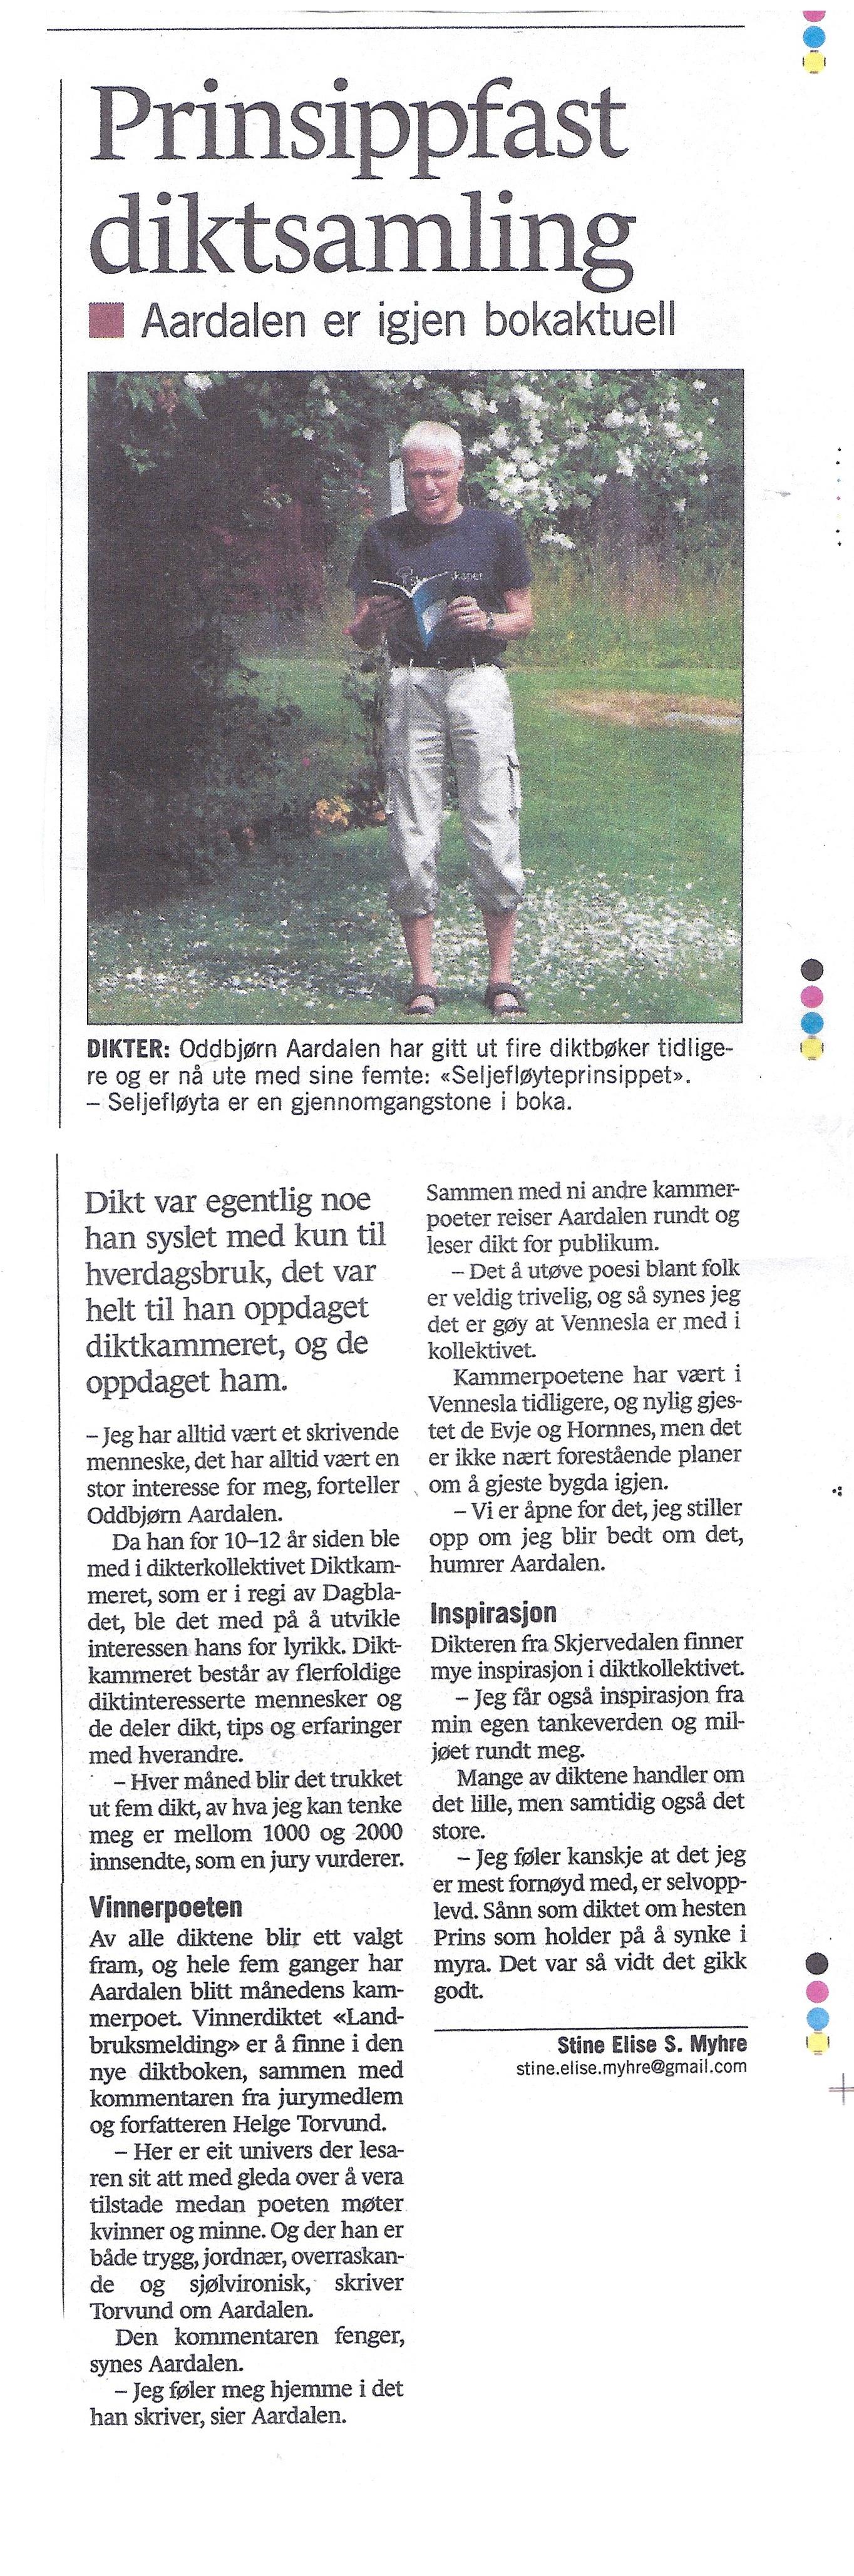 Intervju med Oddbjørn Aardalen i Vennesla Tidende